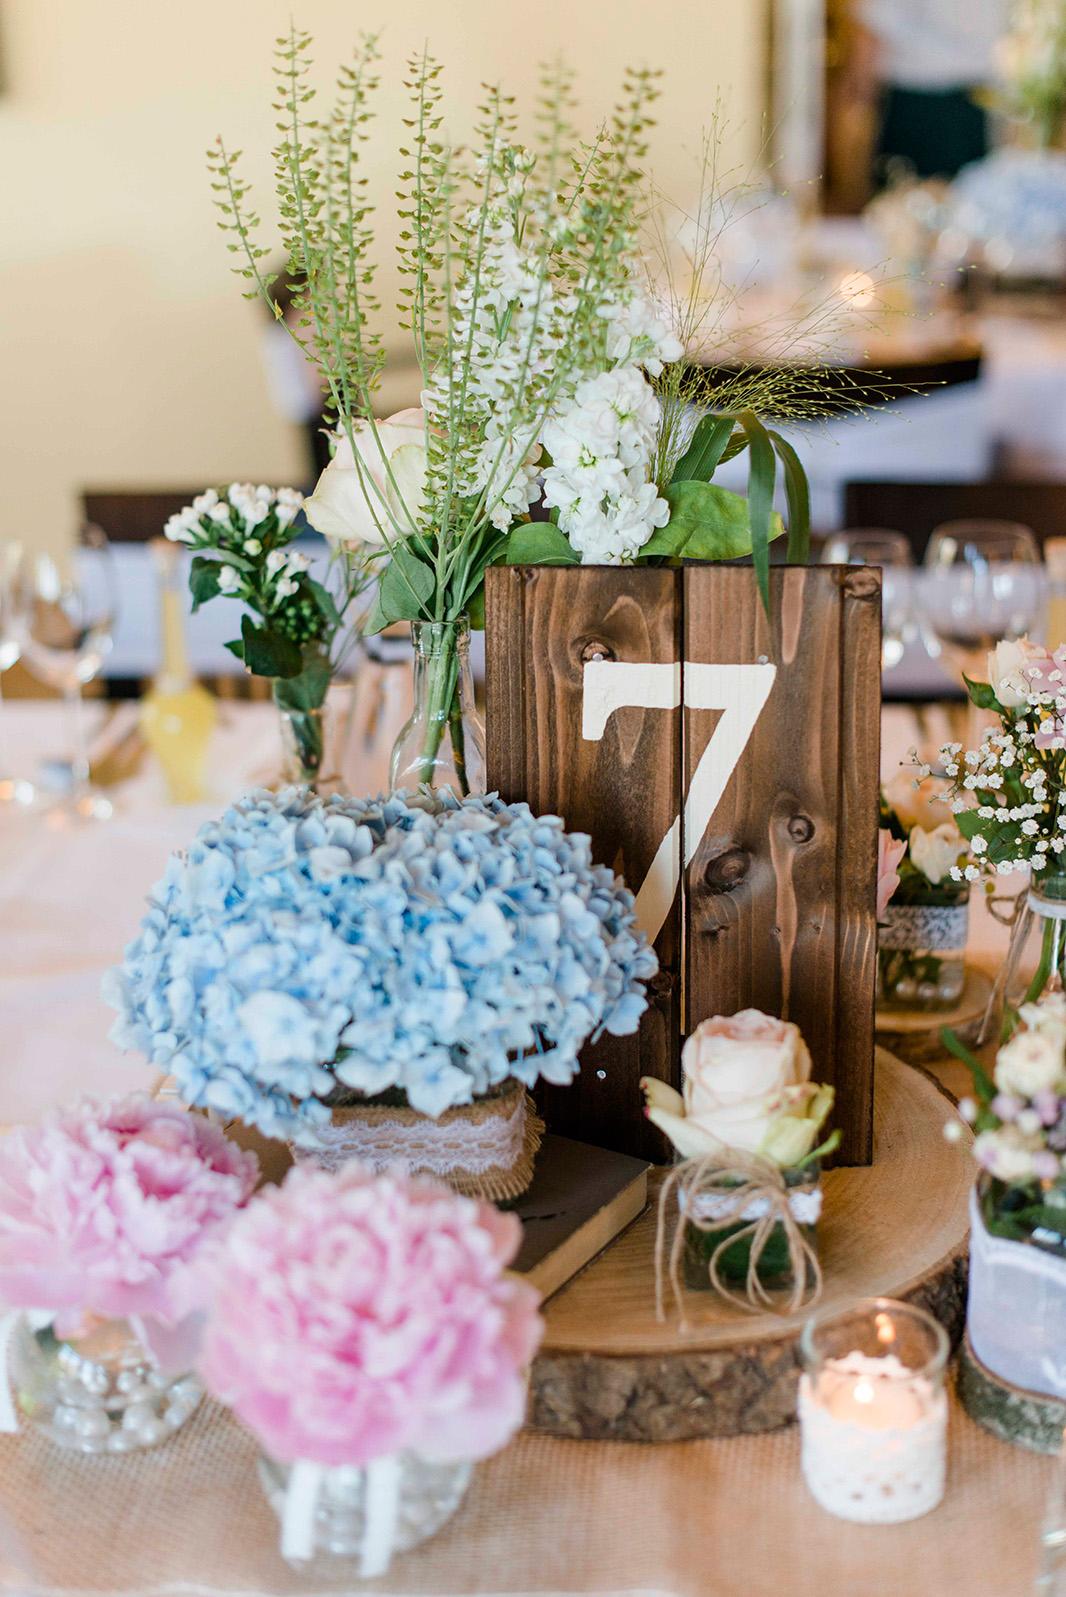 KathleenWelkerPhotography_Hochzeit-am-See-Detailverliebt-frische-Blumen-Hochzeitstorte-55